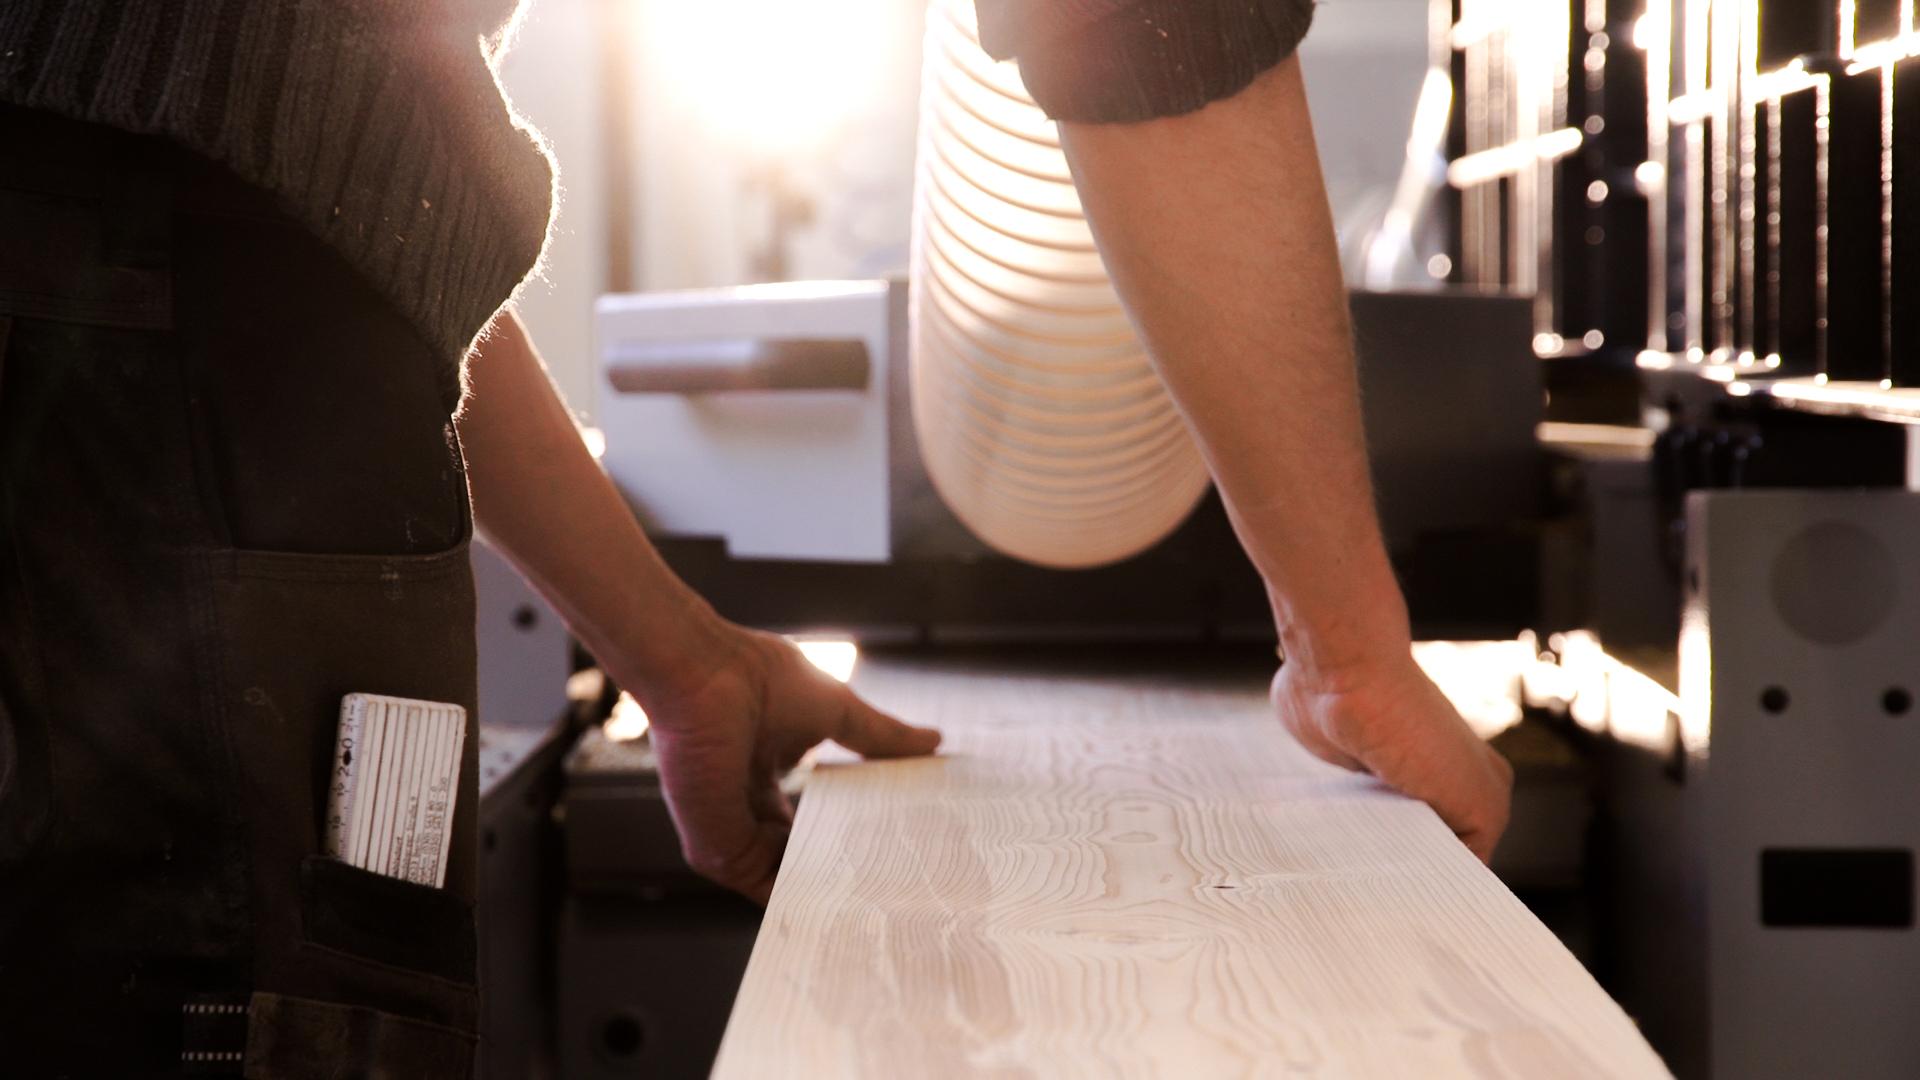 - 2015 beginnt ein kleines Team in Berlin, Tische aus Altholz zu bauen. Zu diesem Team gehören neben Mischa, der woodboom ins Leben gerufen hat, auch David, unser Schreiner und Maciek der zu dieser Zeit viel mit Beton und Holz arbeitet und in Polen aufgewachsen ist. Die selbst gebauten Tischplatten kombinieren wir mit Stahl Untergestellen, die ebenfalls in Berlin, von einem selbstständigen Schweißer produziert werden